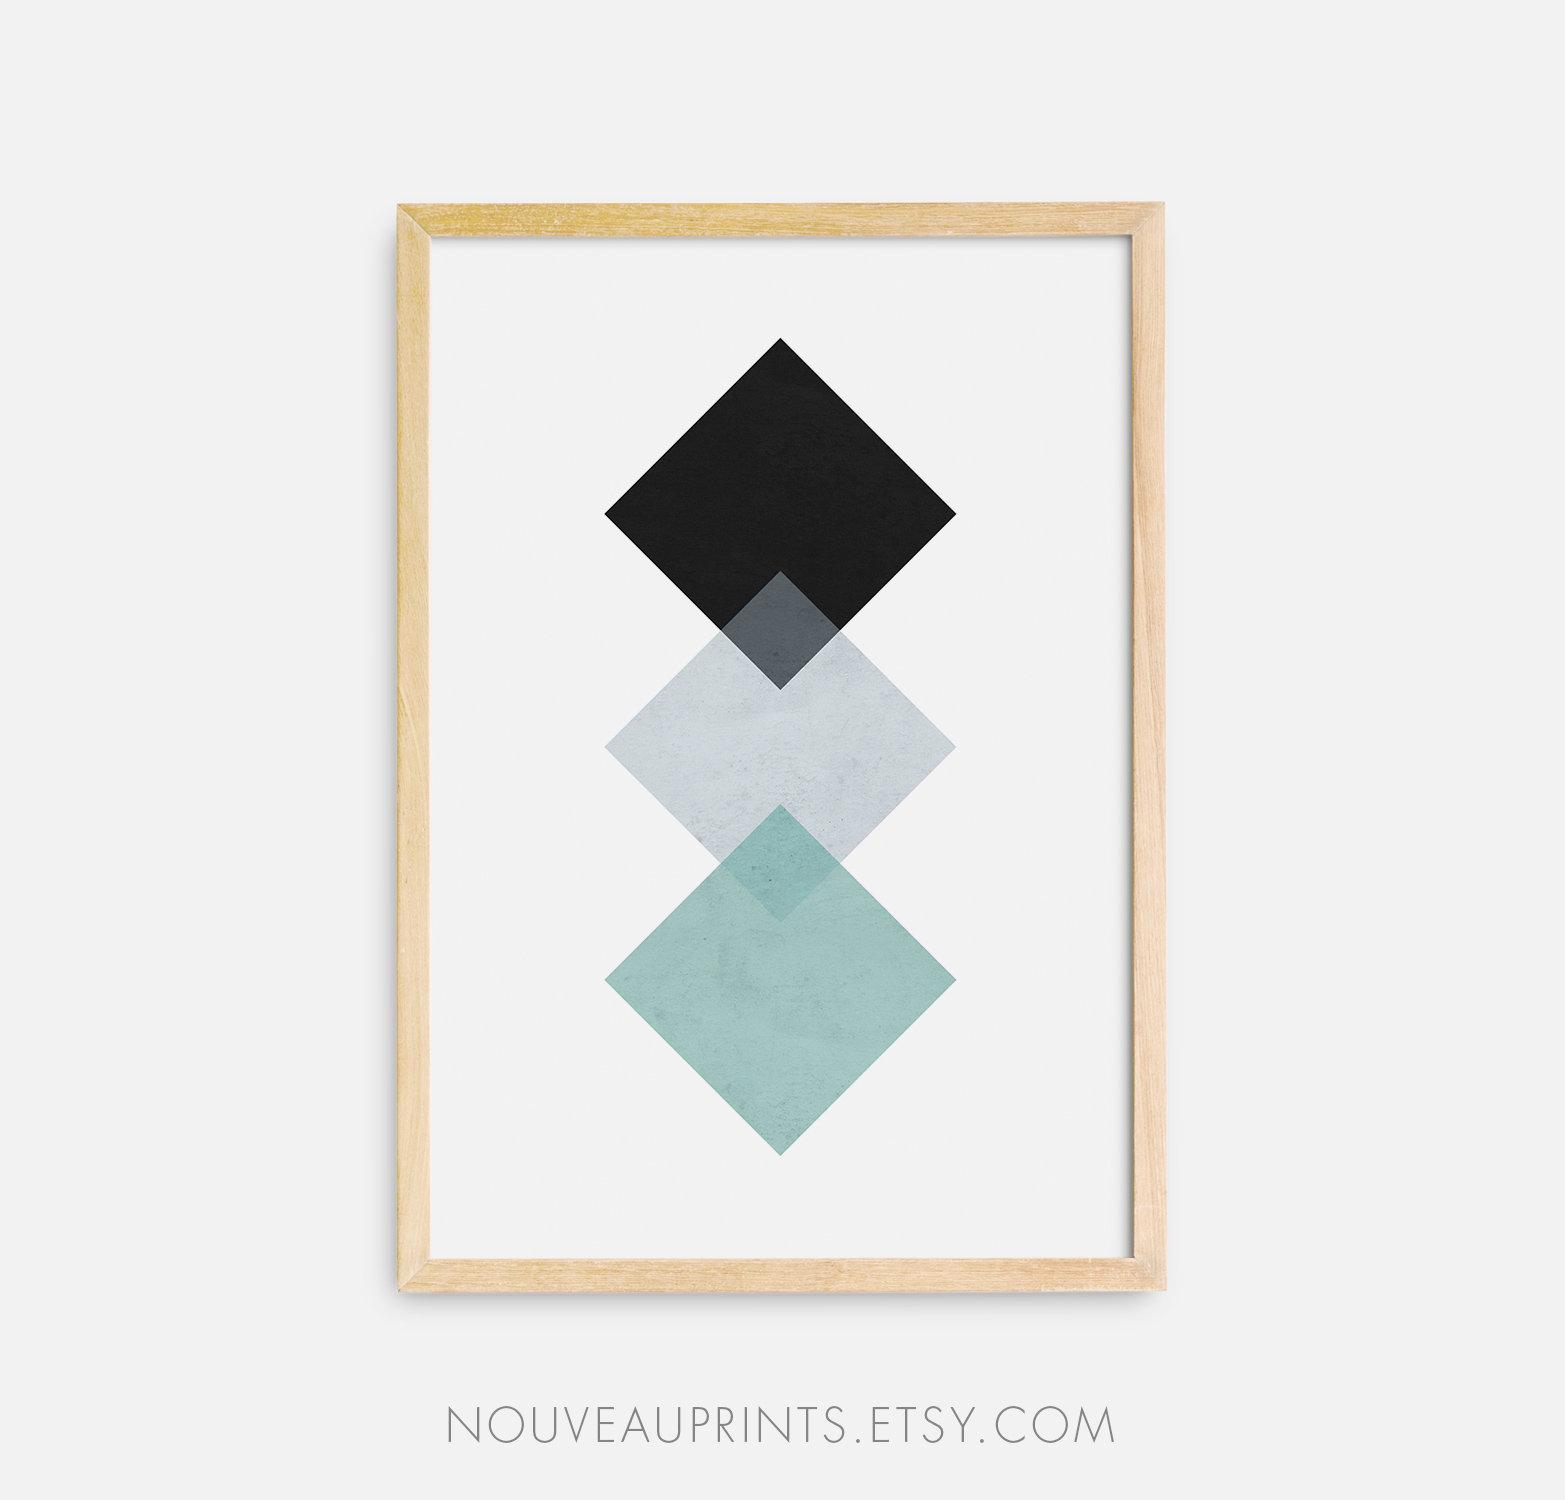 Geometric Wall Art Rhombus Wall Decor Squares Printable Art   Etsy